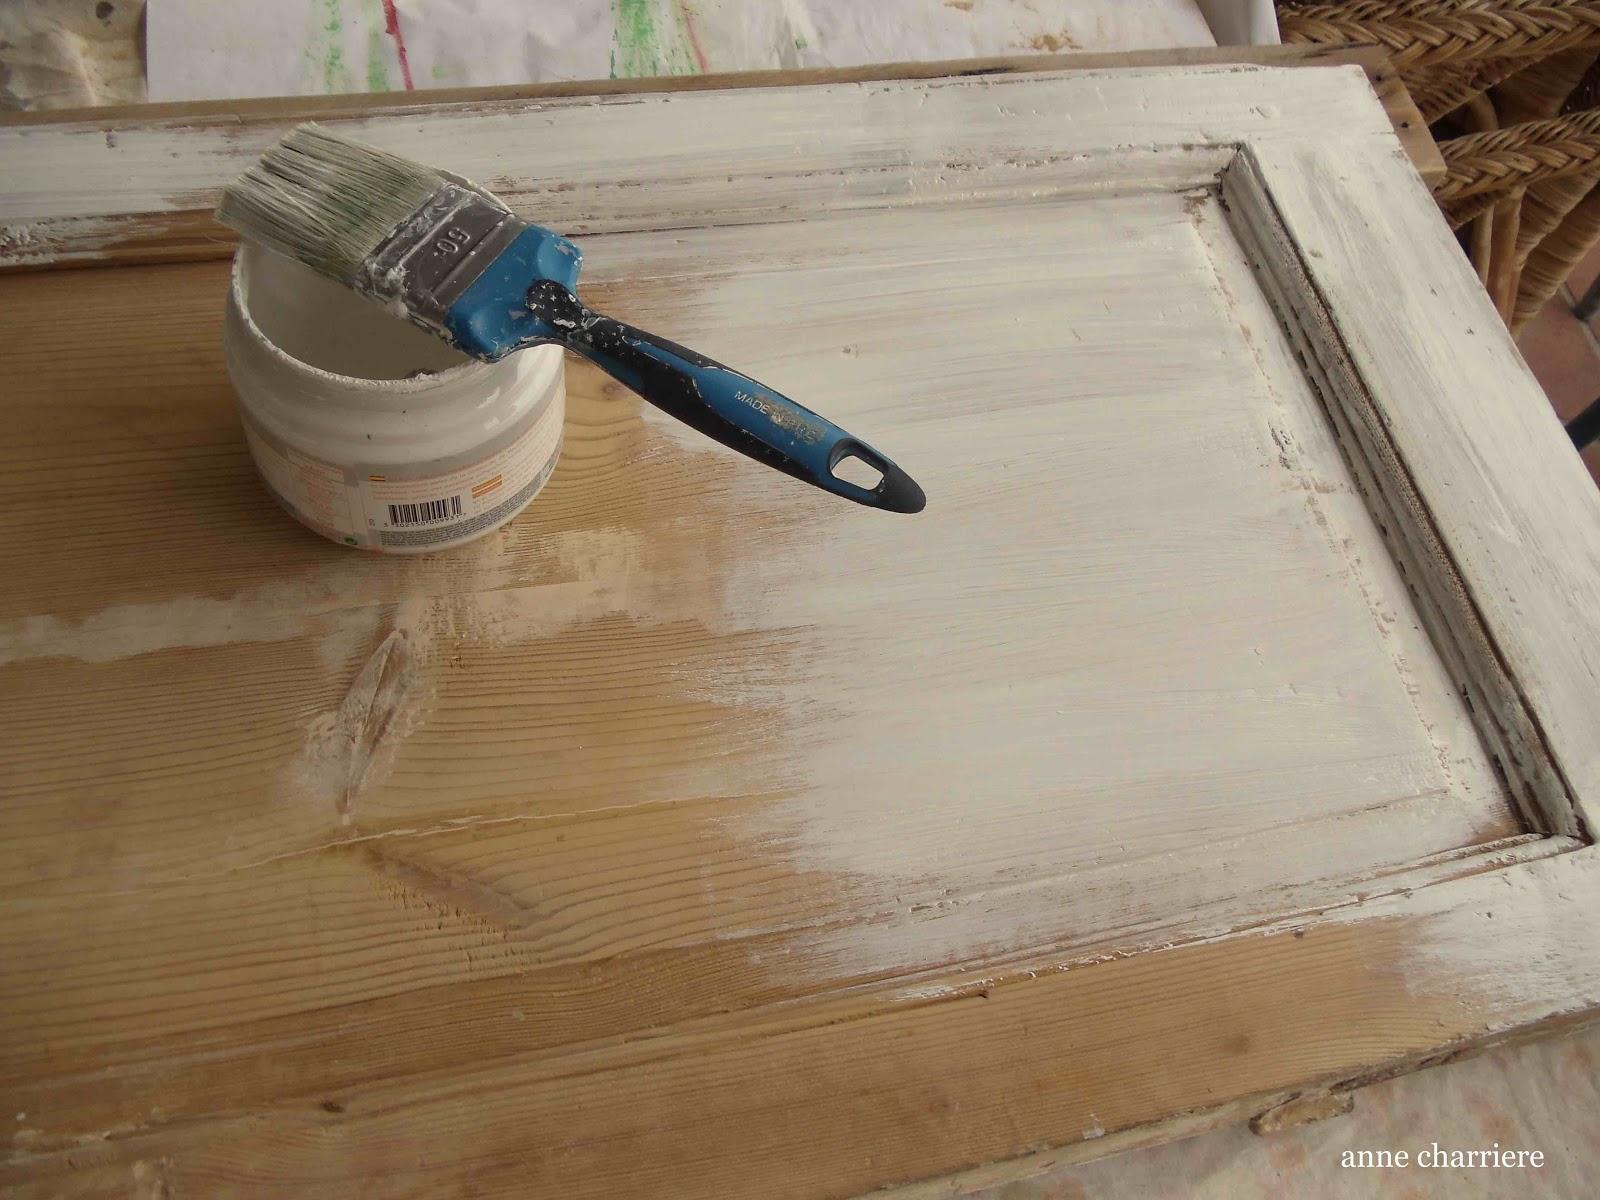 anne charriere blog de bricolaje y tecnicas de pintura en piezas de madera con objetos. Black Bedroom Furniture Sets. Home Design Ideas